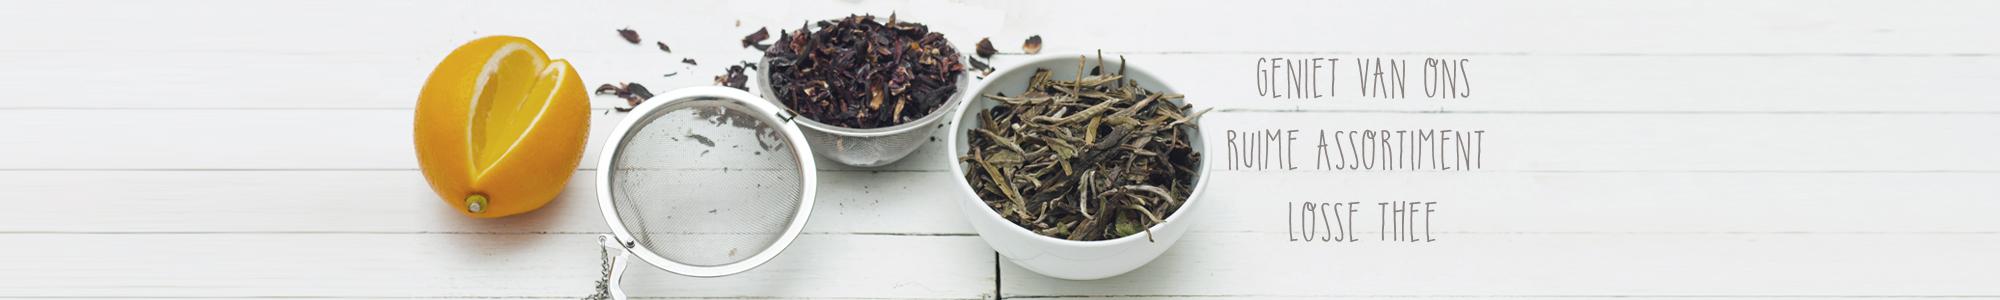 Geniet van onze losse thee!